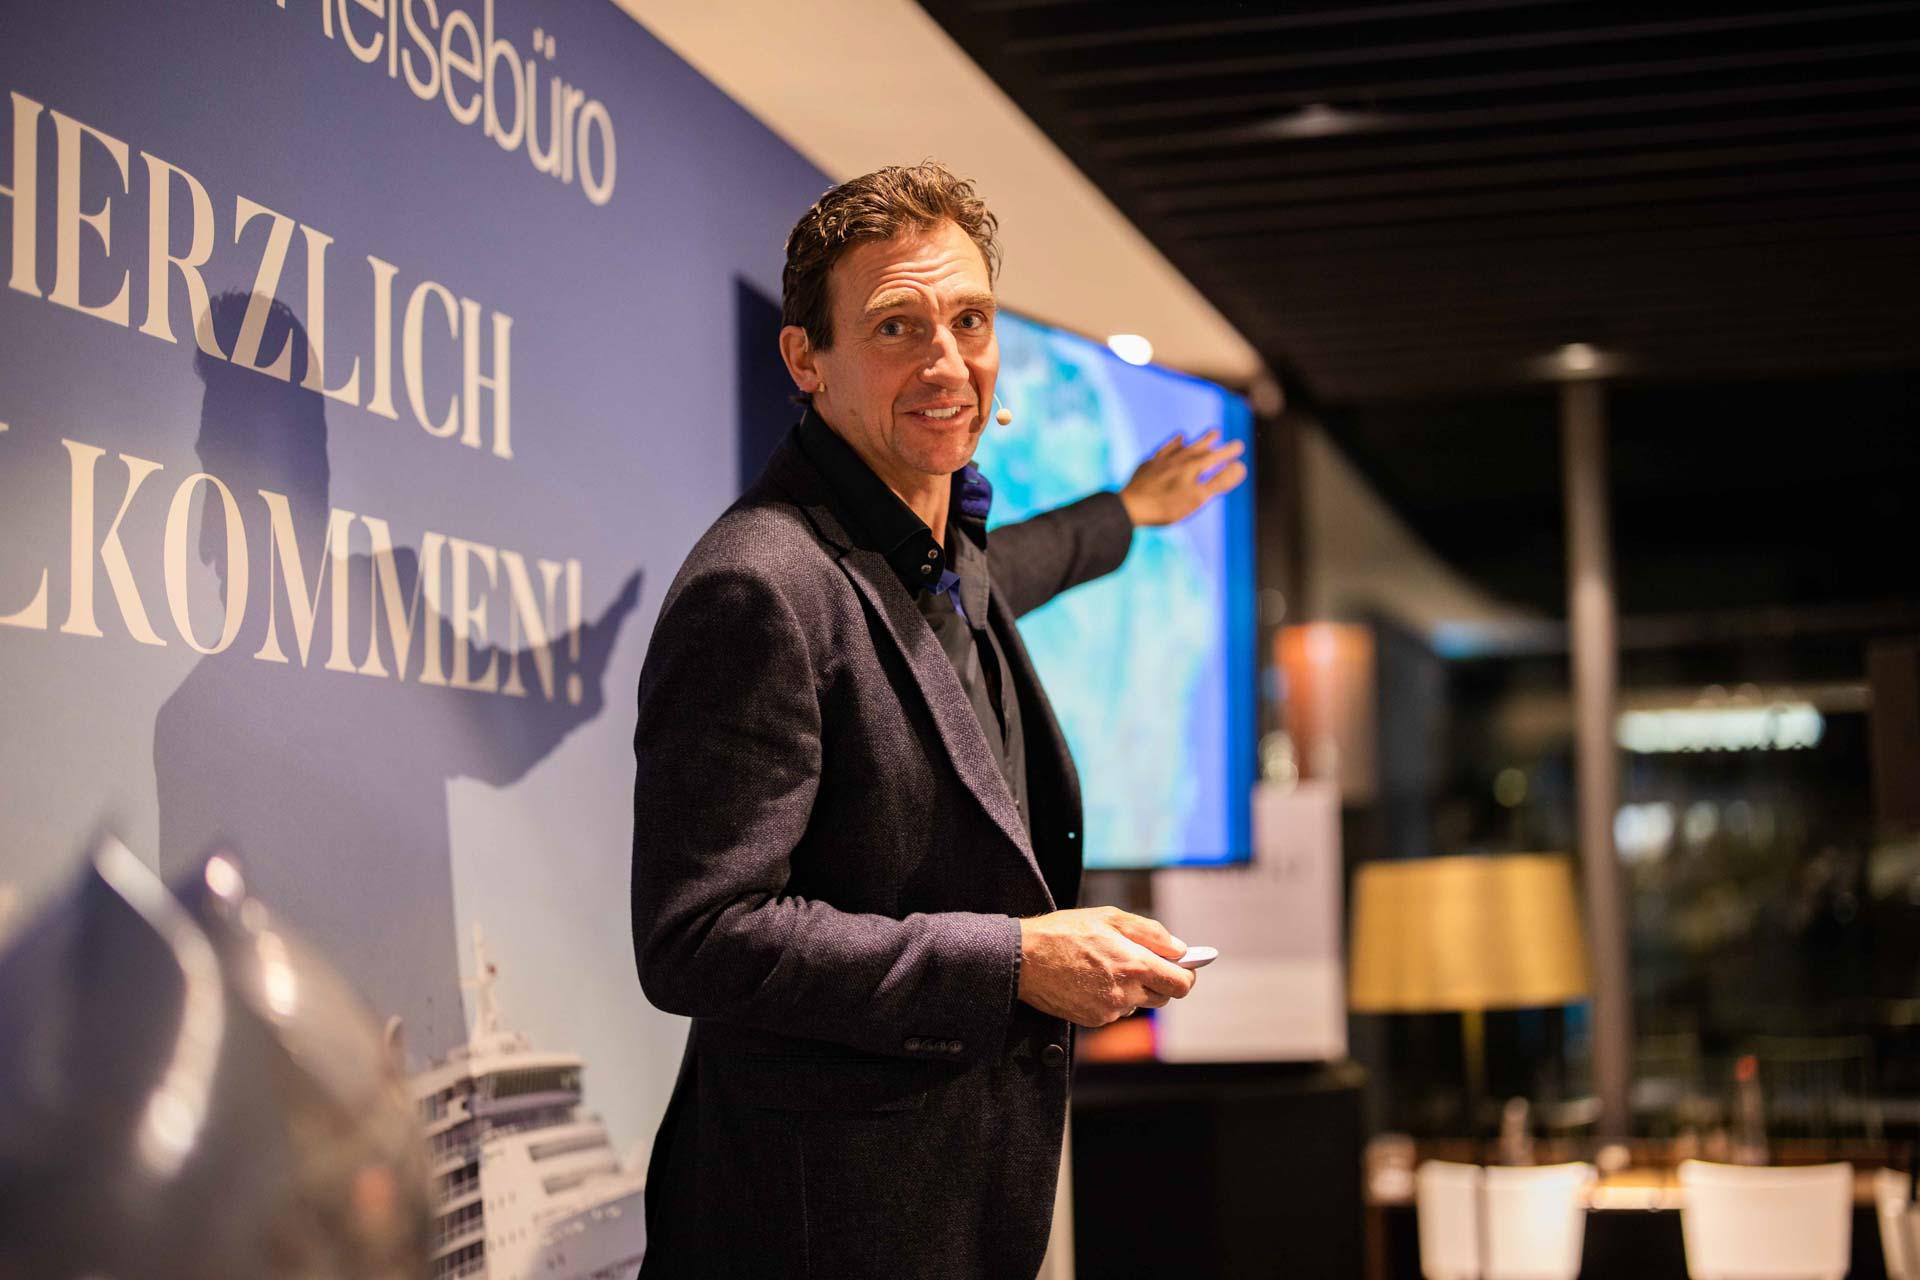 Kai Schepp